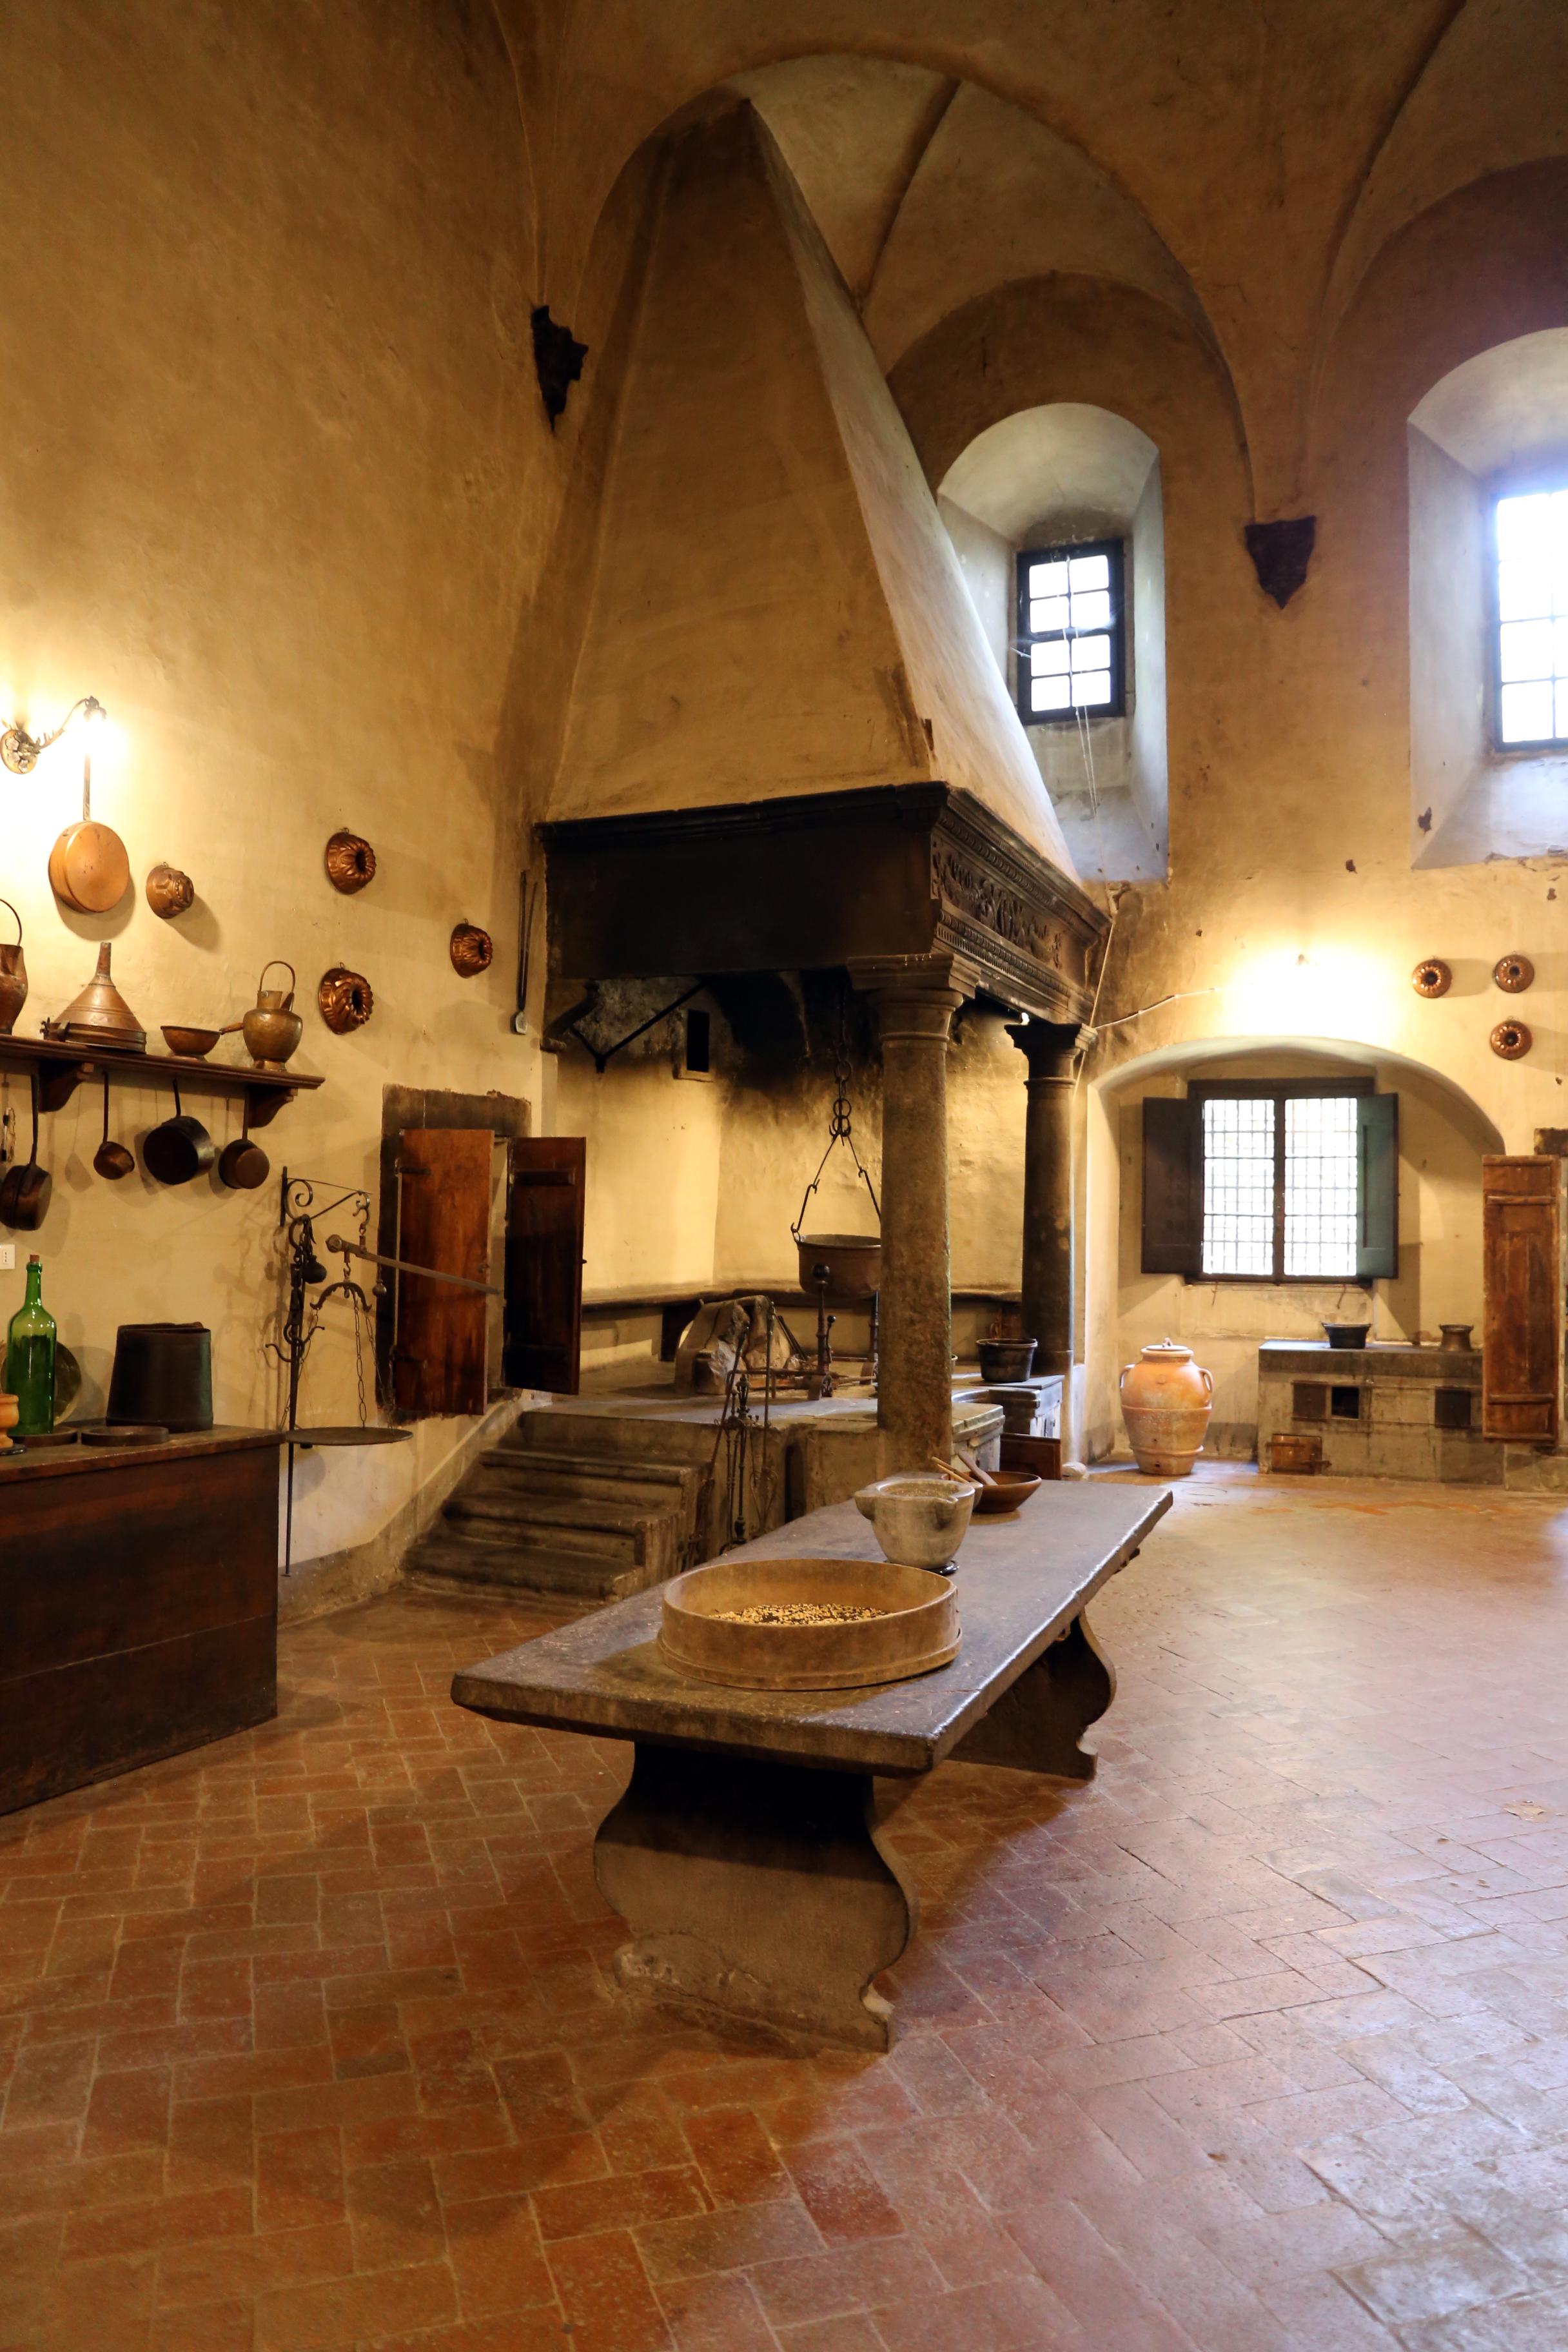 File:Badia di passignano, antiche cucine, 00.jpg - Wikimedia Commons